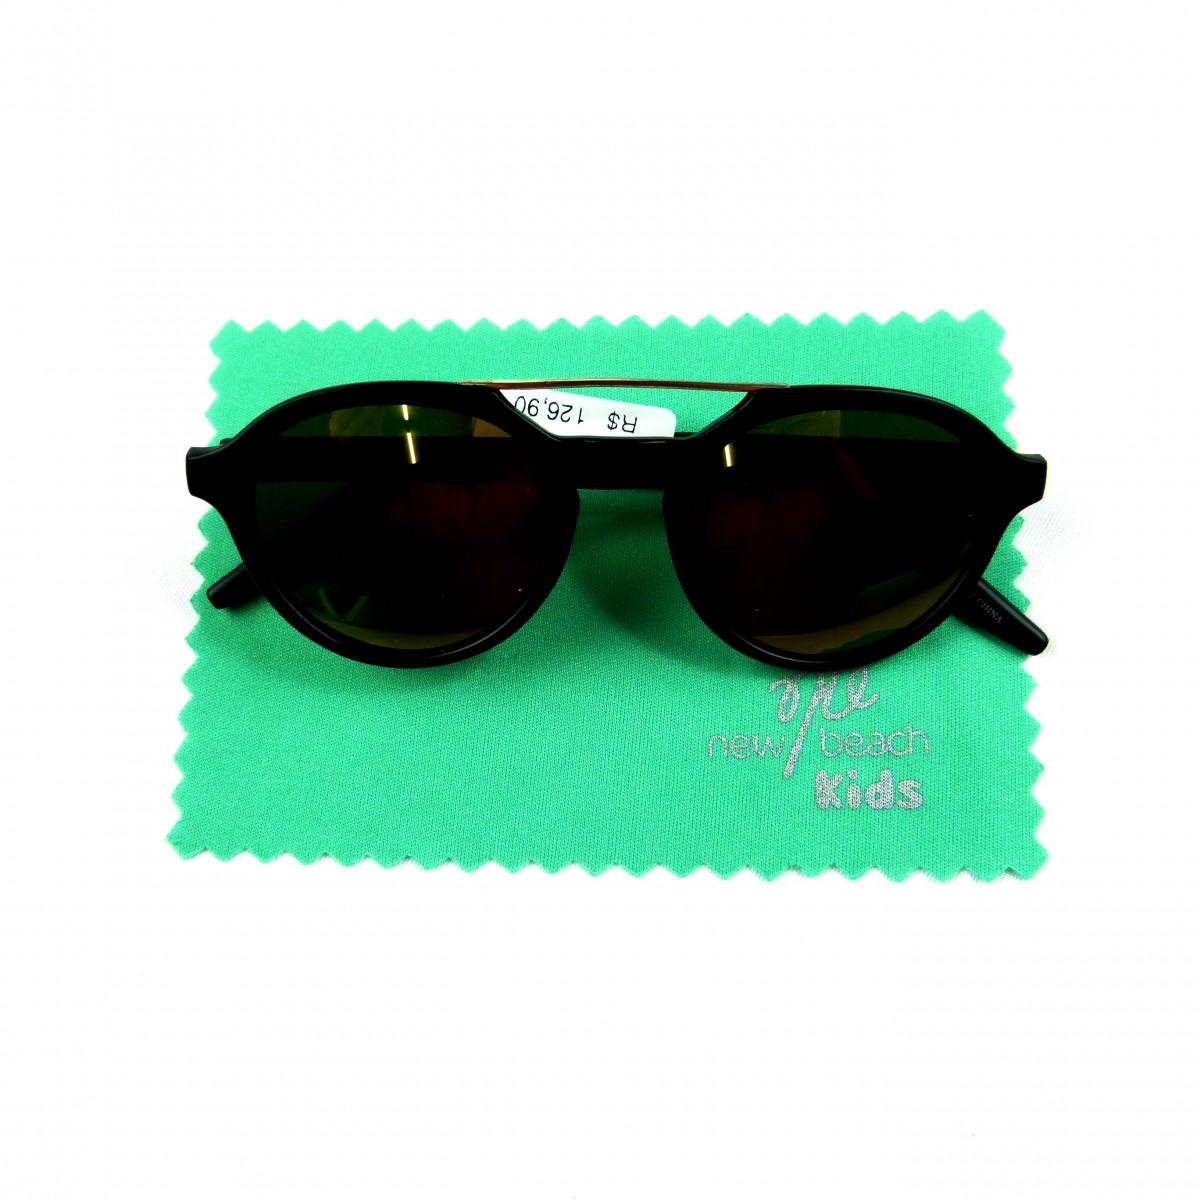 3197e12f2 Óculos Infantil Redondo Espelhado Recco - 035470/ 035471/ 035472 Preto |  Tutu Lelê.